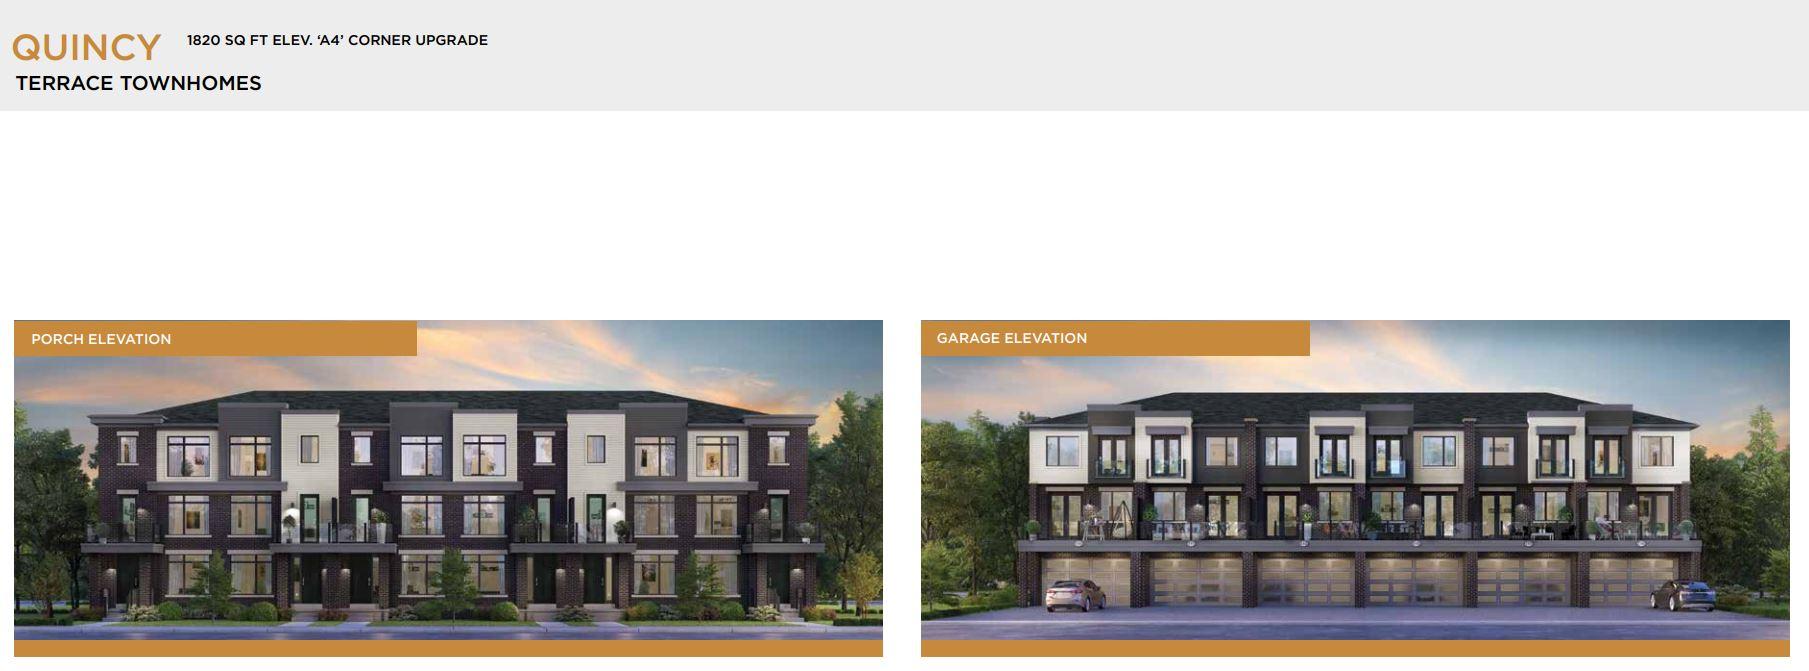 Brooklin-Heights-Terrace-Towns-Quincy-1820corner